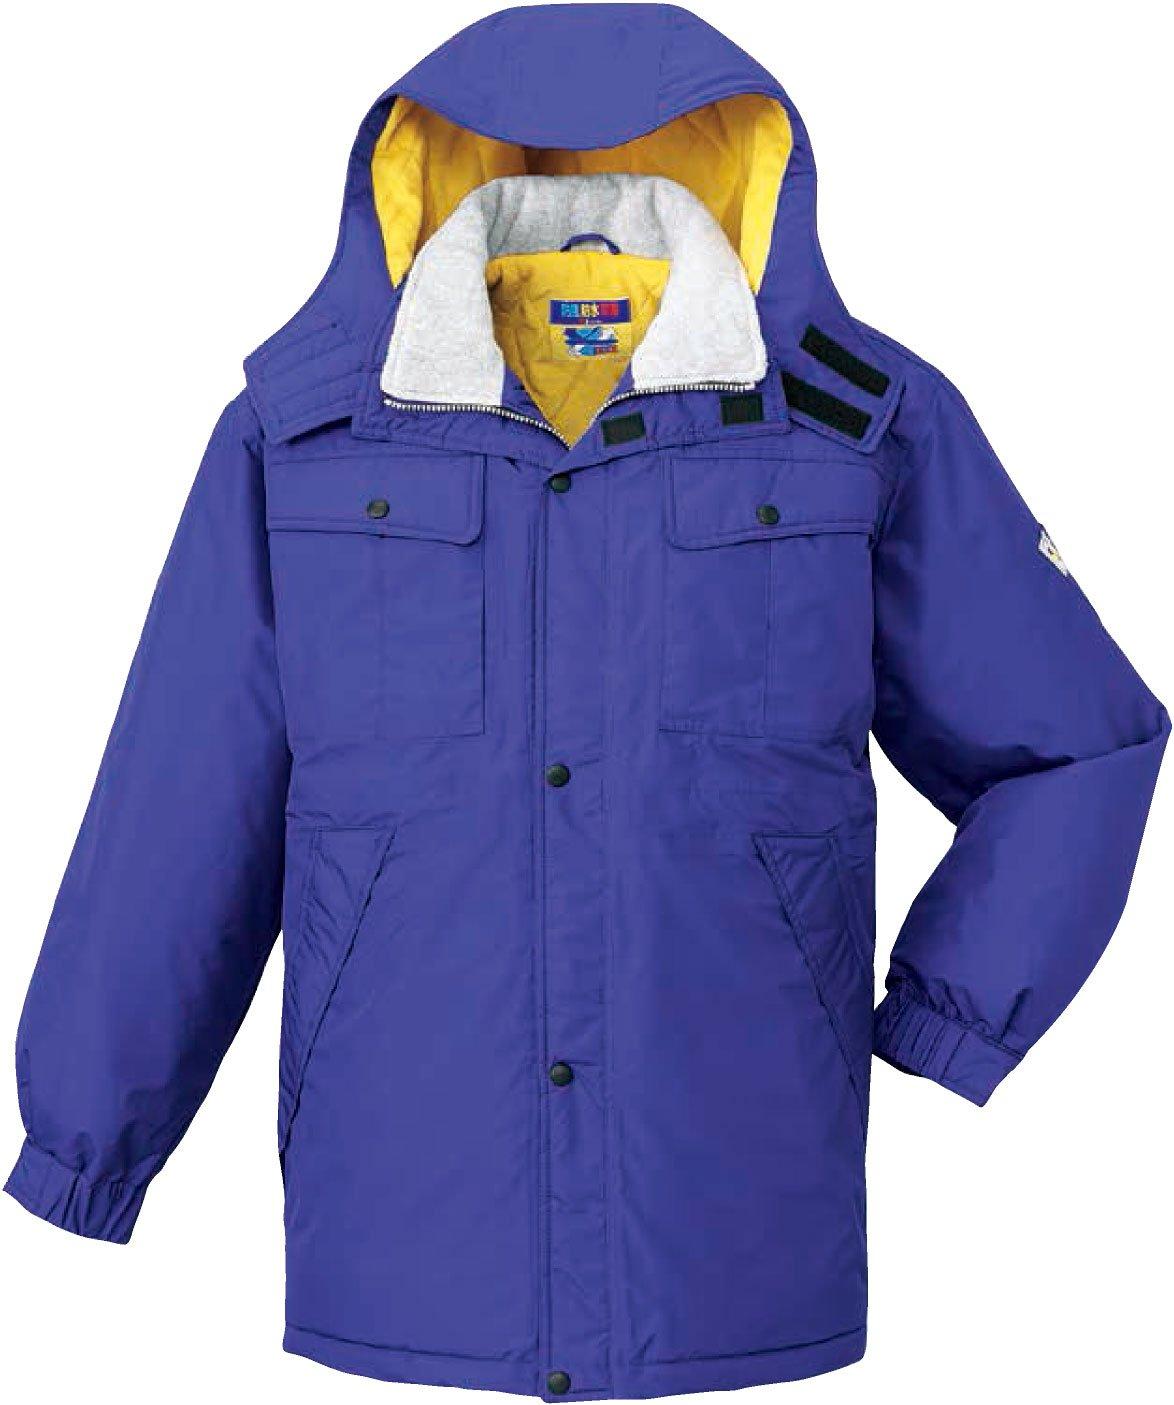 自重堂(JICHODO)防寒コート雨 雪 風 寒さ。悪天候からワーカーを守るシリーズ jd-28063 B01BNFT2G8 M|パープル パープル M